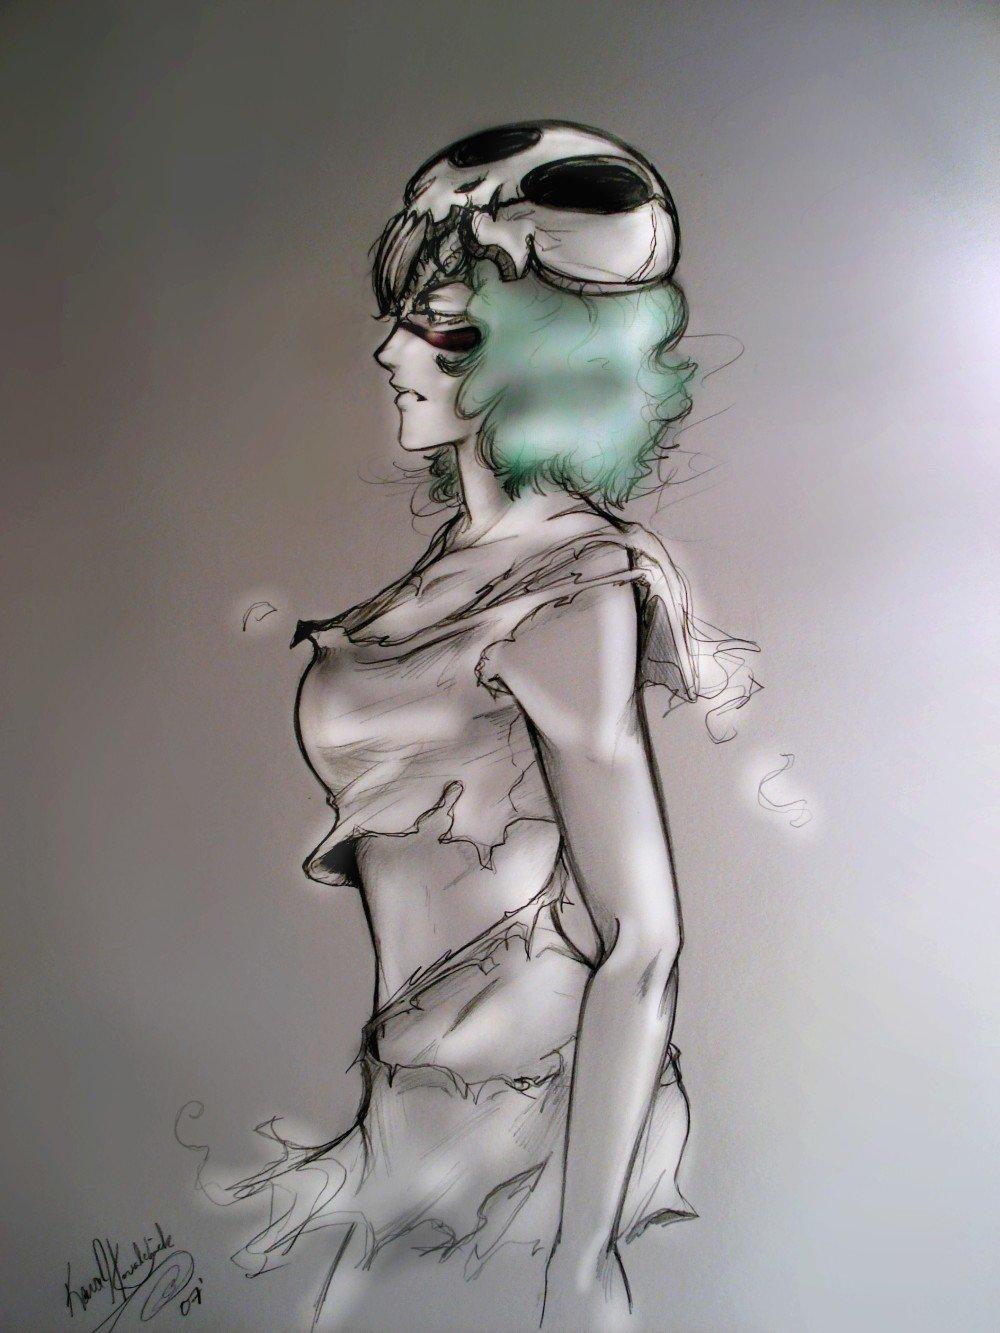 Art ID: 16610